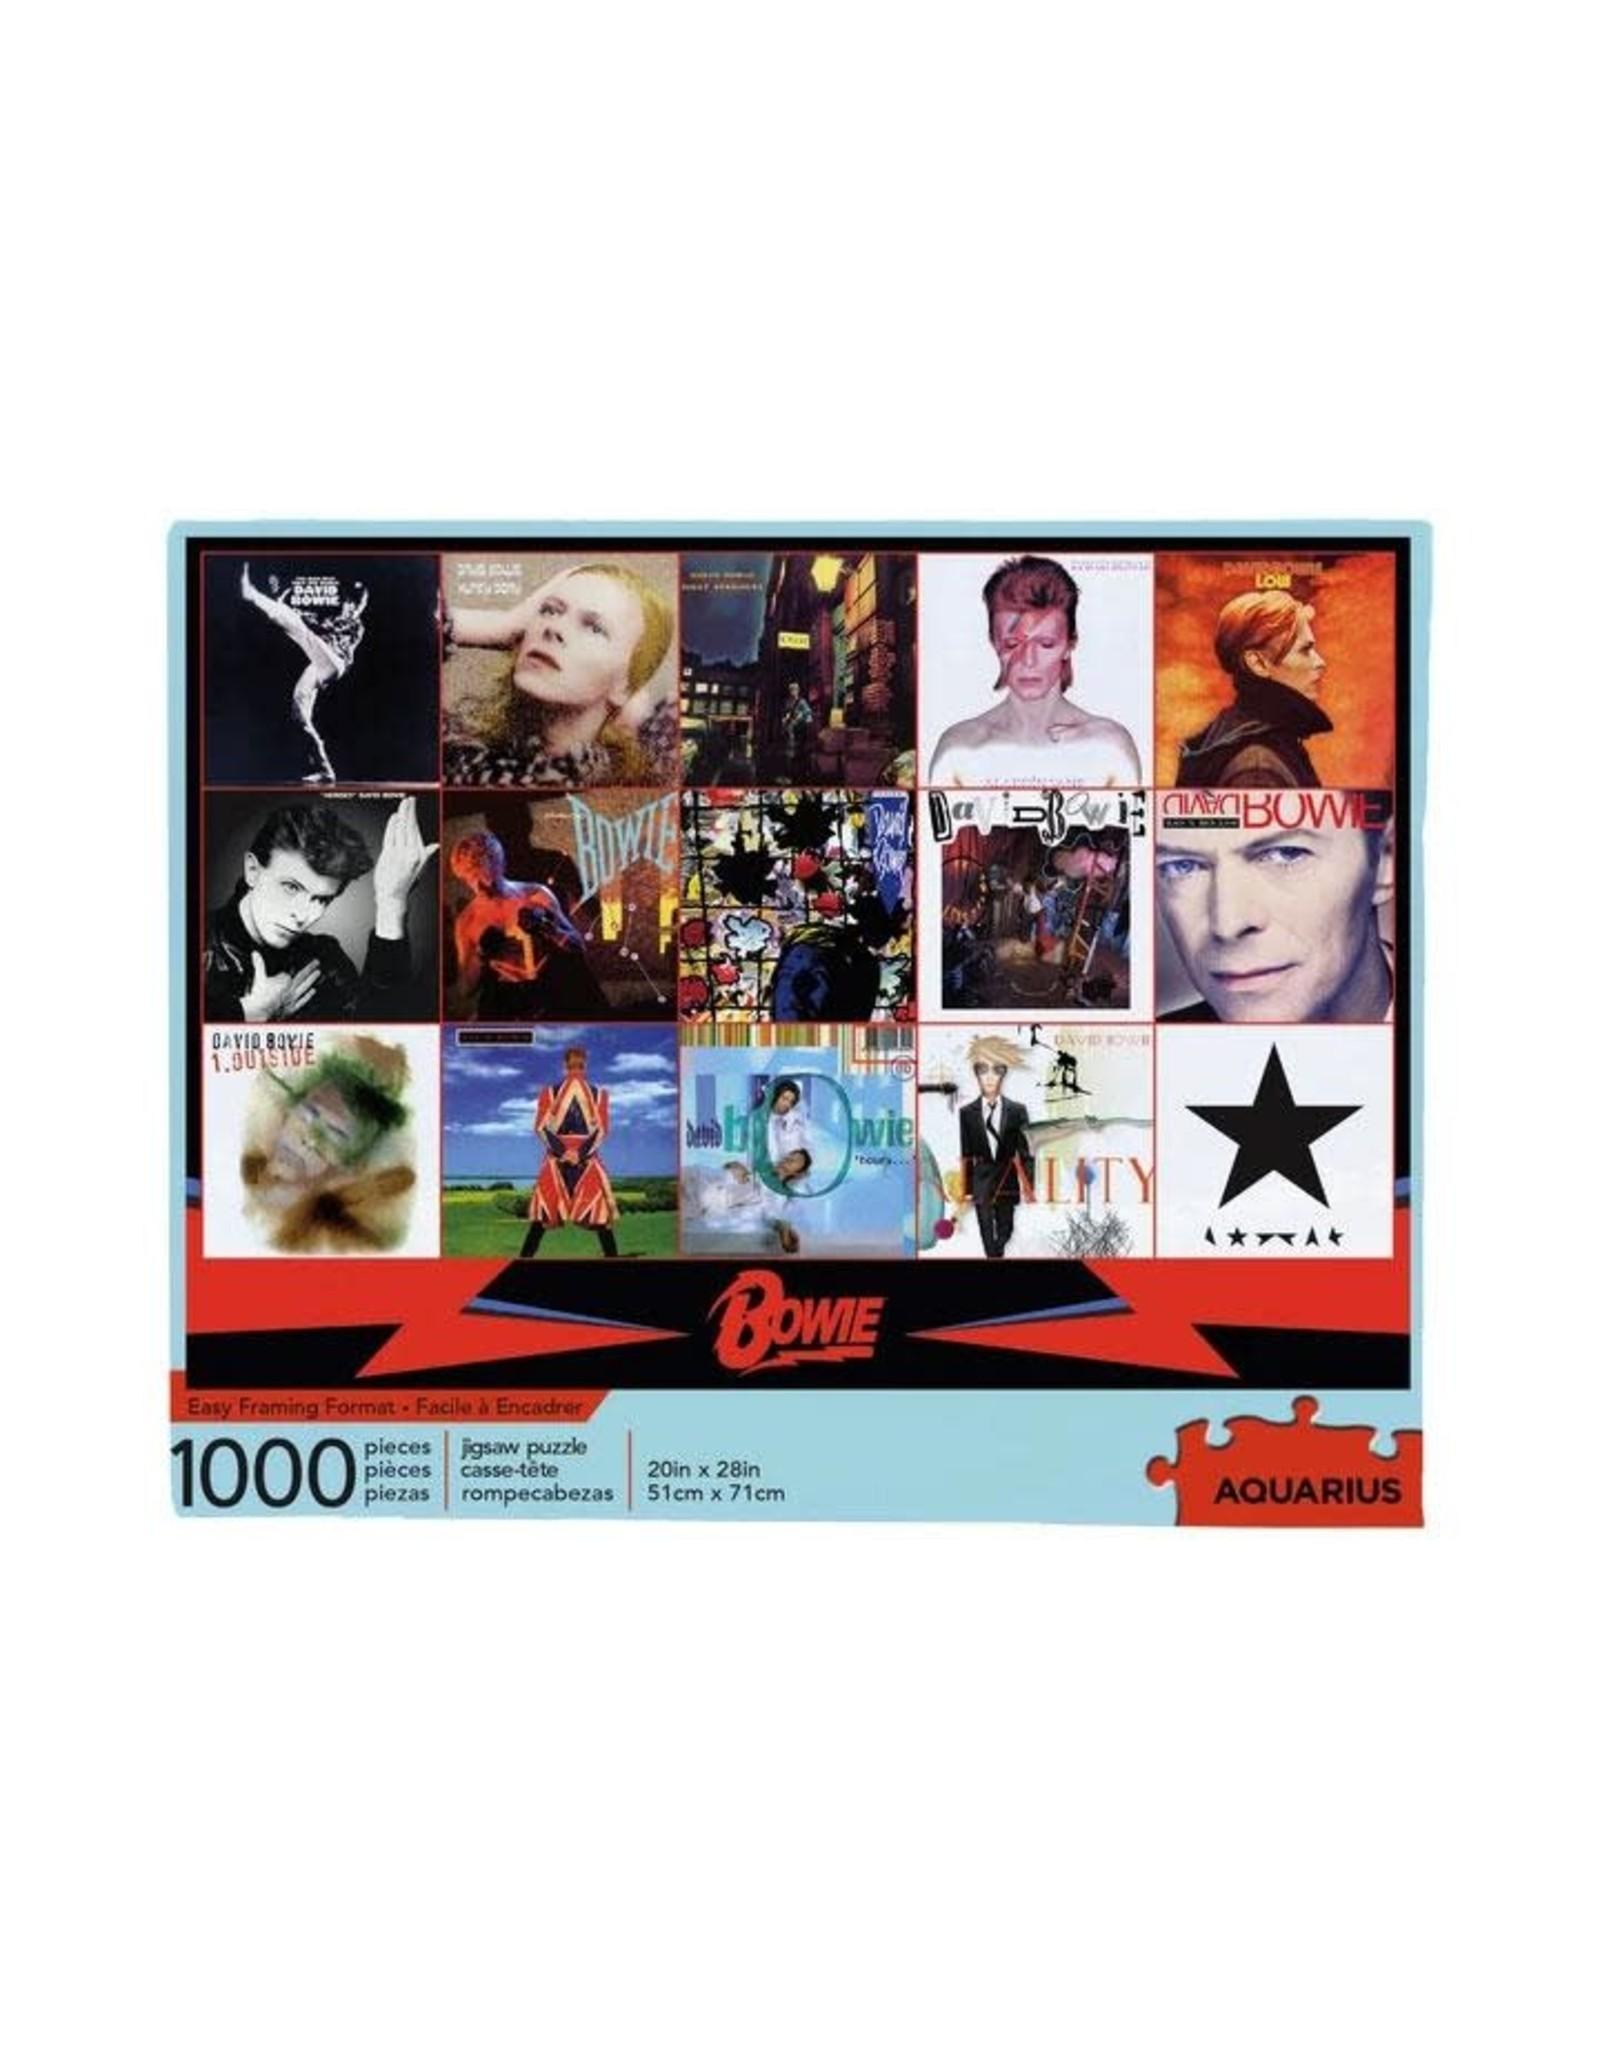 Aquarius Ent DAVID BOWIE Puzzle 1000P - Albums